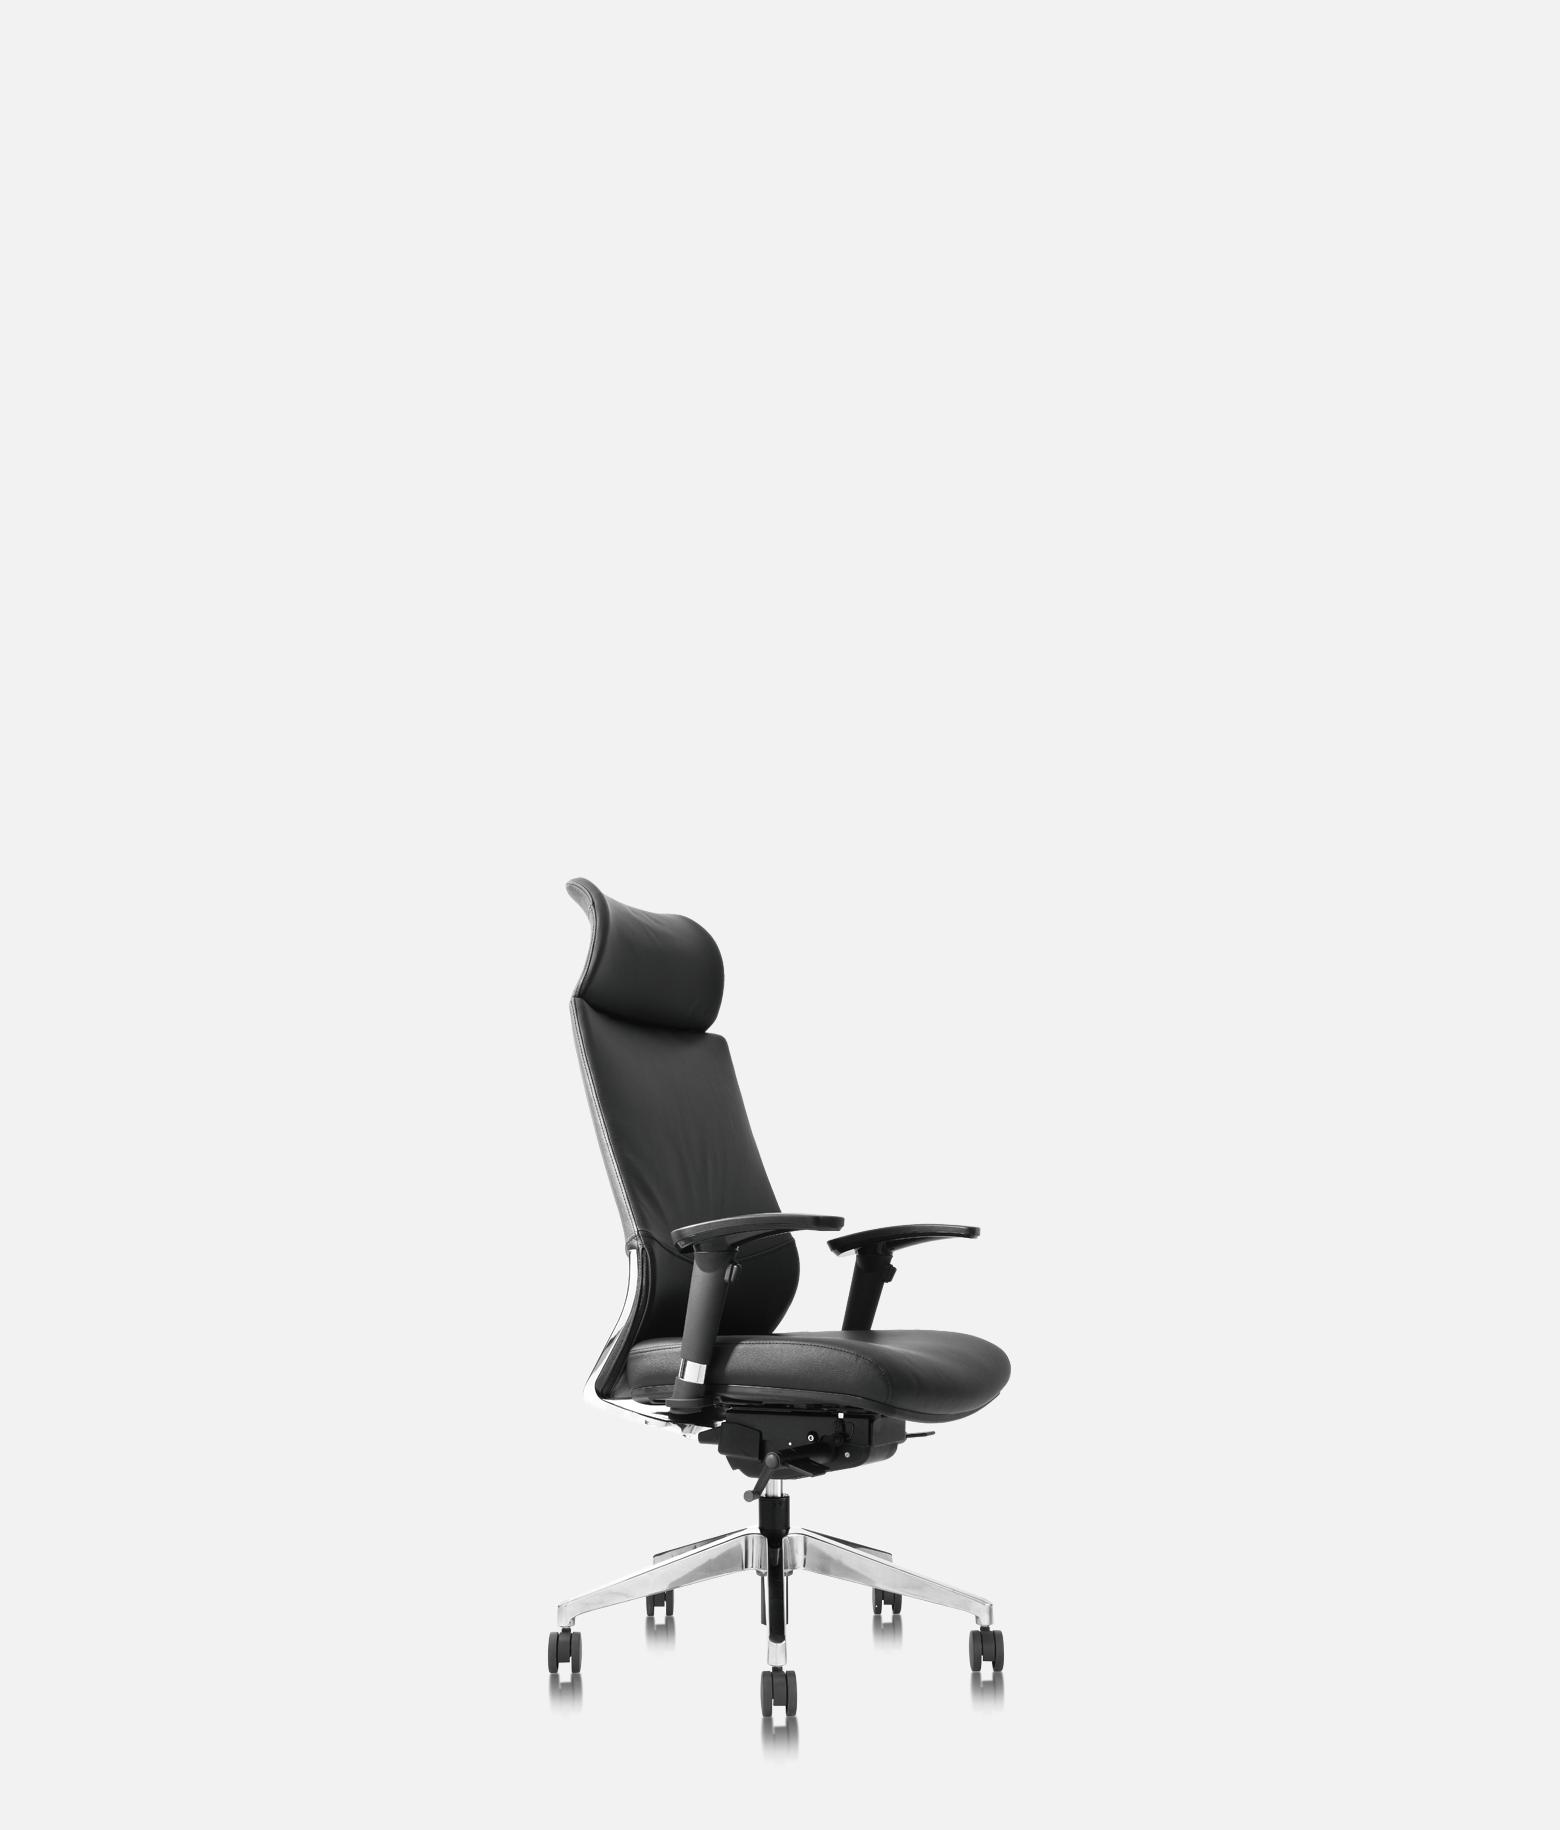 Vertu Executive Chair m